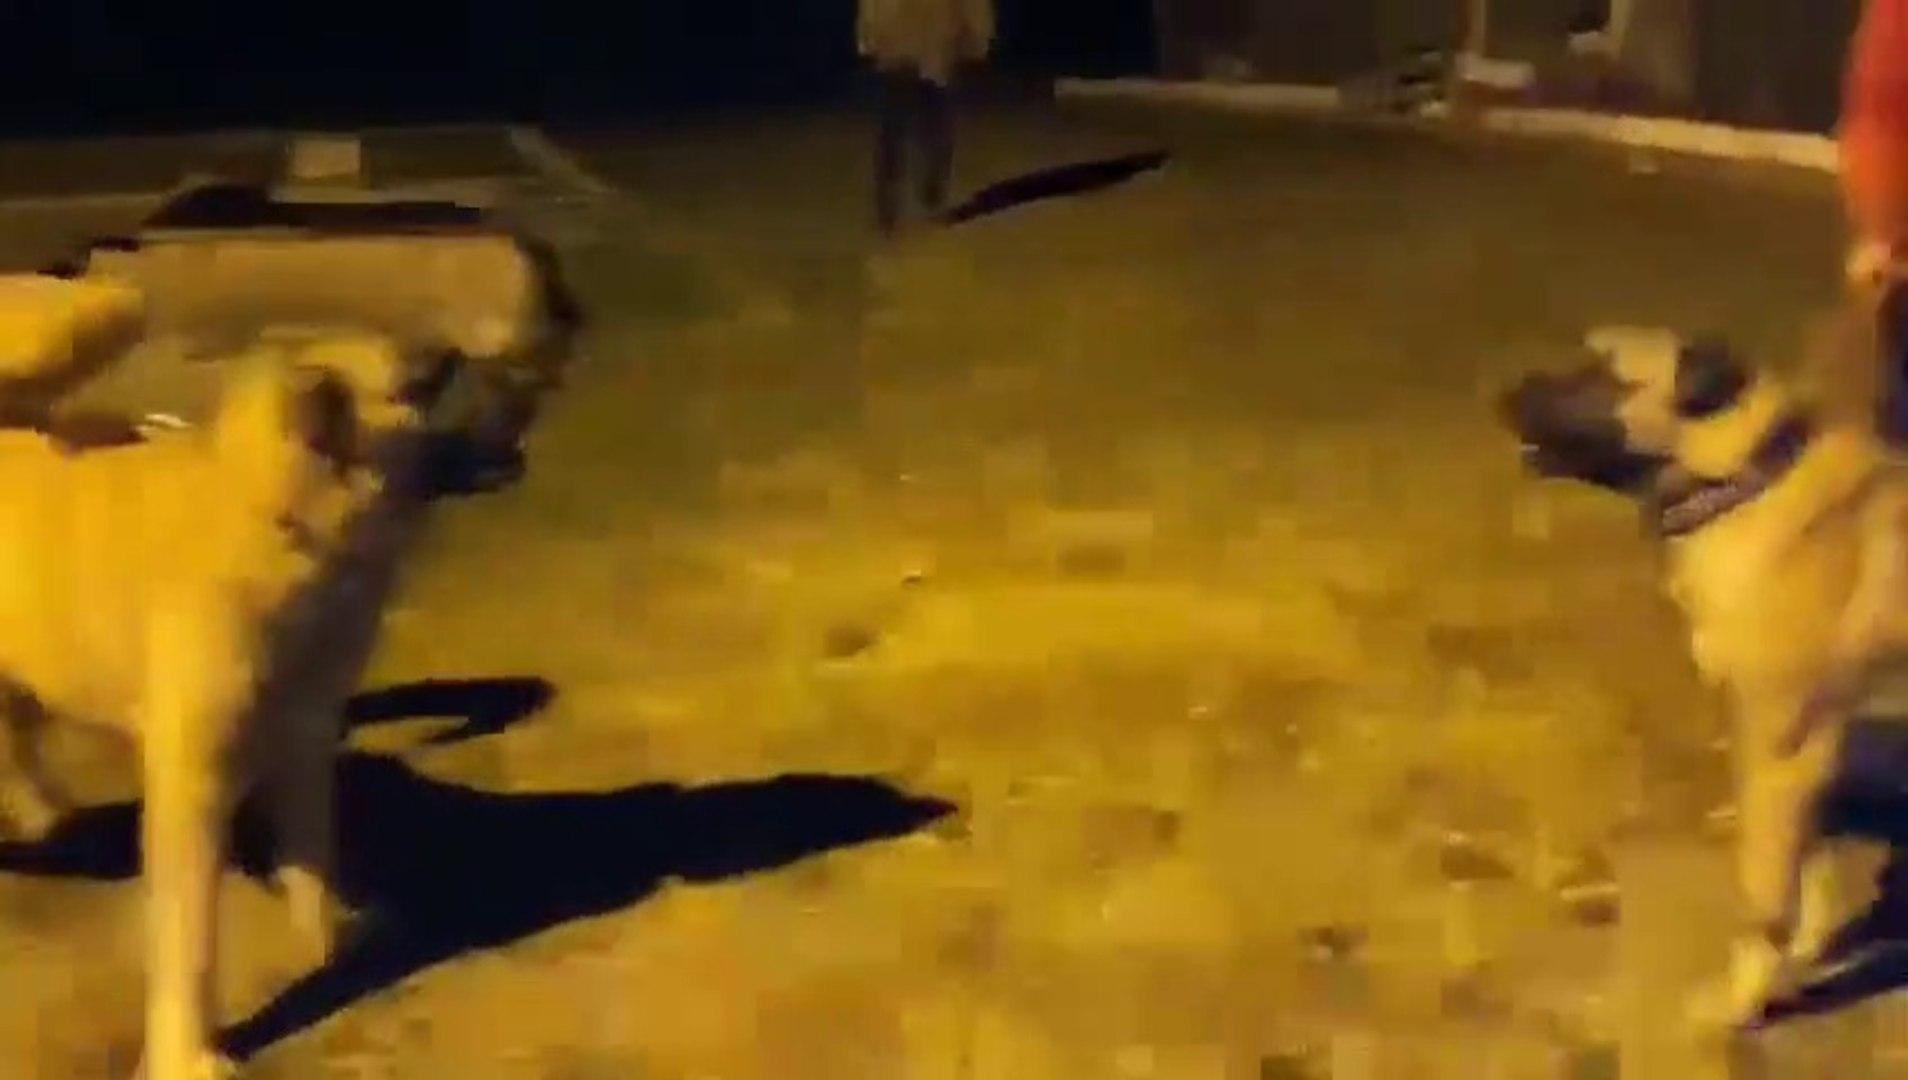 GECE 2 YiGiT MEYDANDA ATISMA - 2 ANATOLiAN SHEPHERD DOG VS